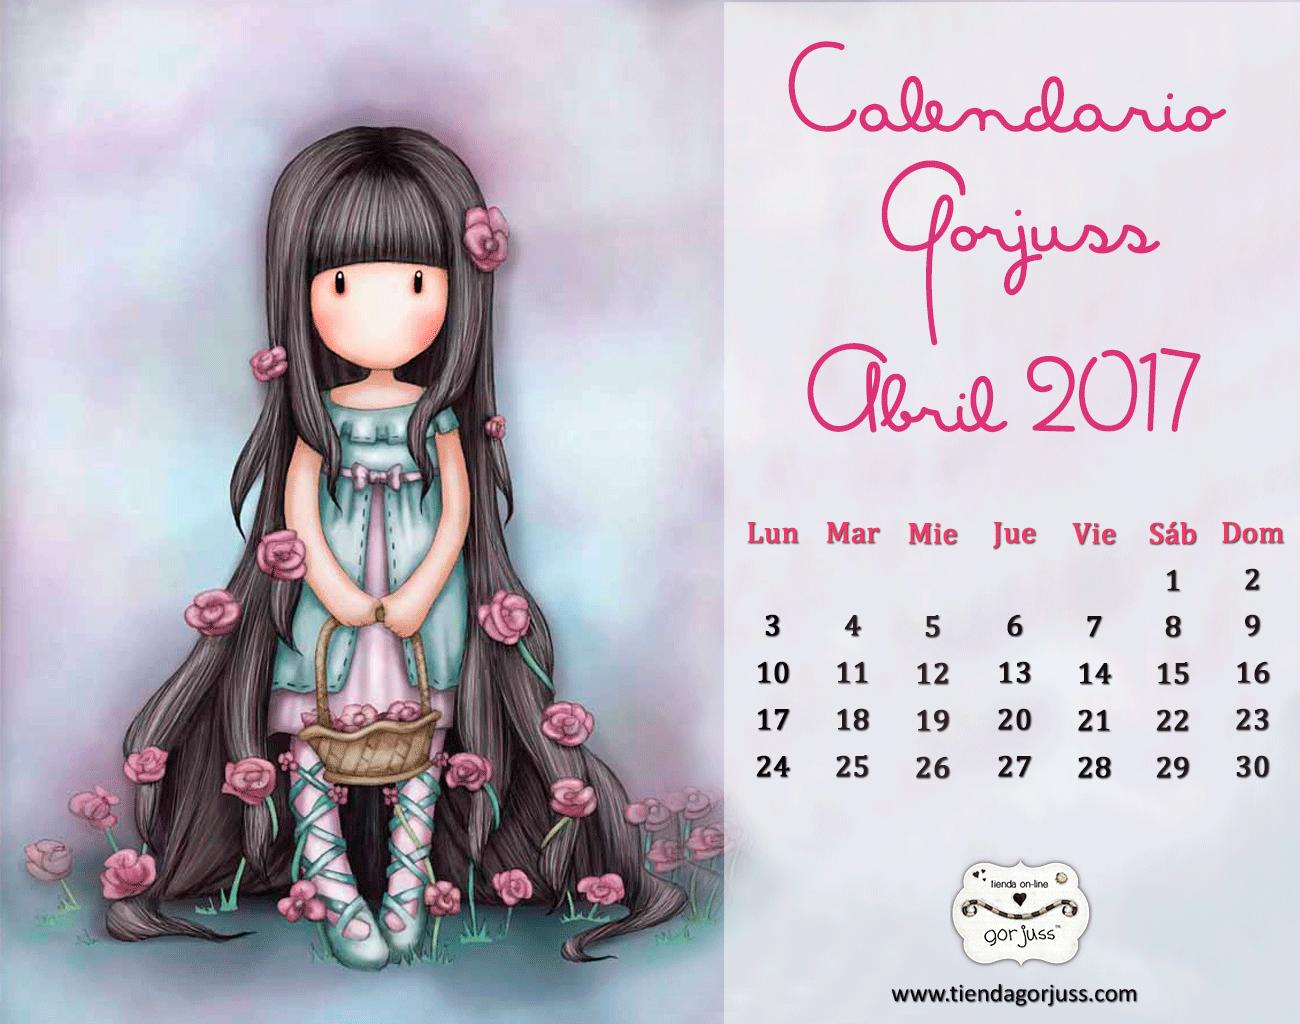 Gorjuss Abril 2017 Regalo De Calendario Descargable Gorjuss Png 1300 1024 Calendario Fondos Fondo